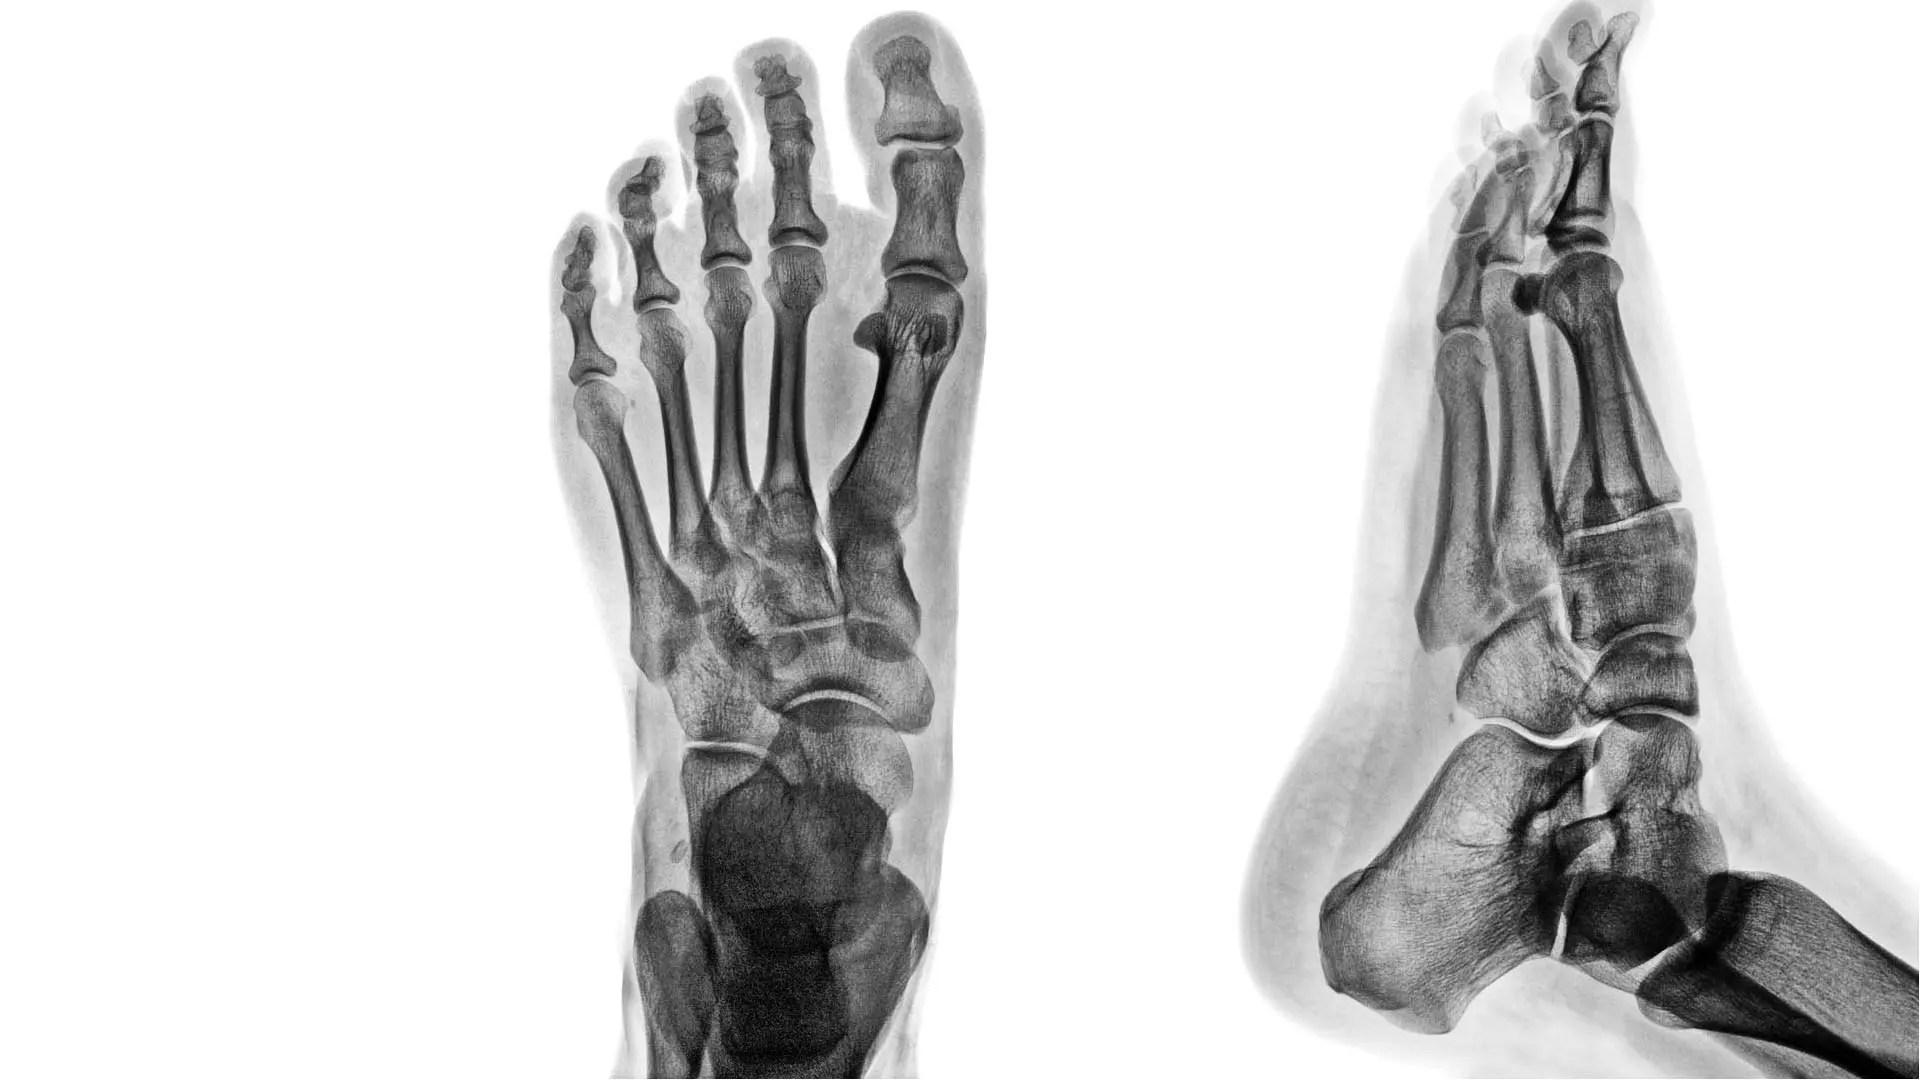 láb metatarsalis arthritis)